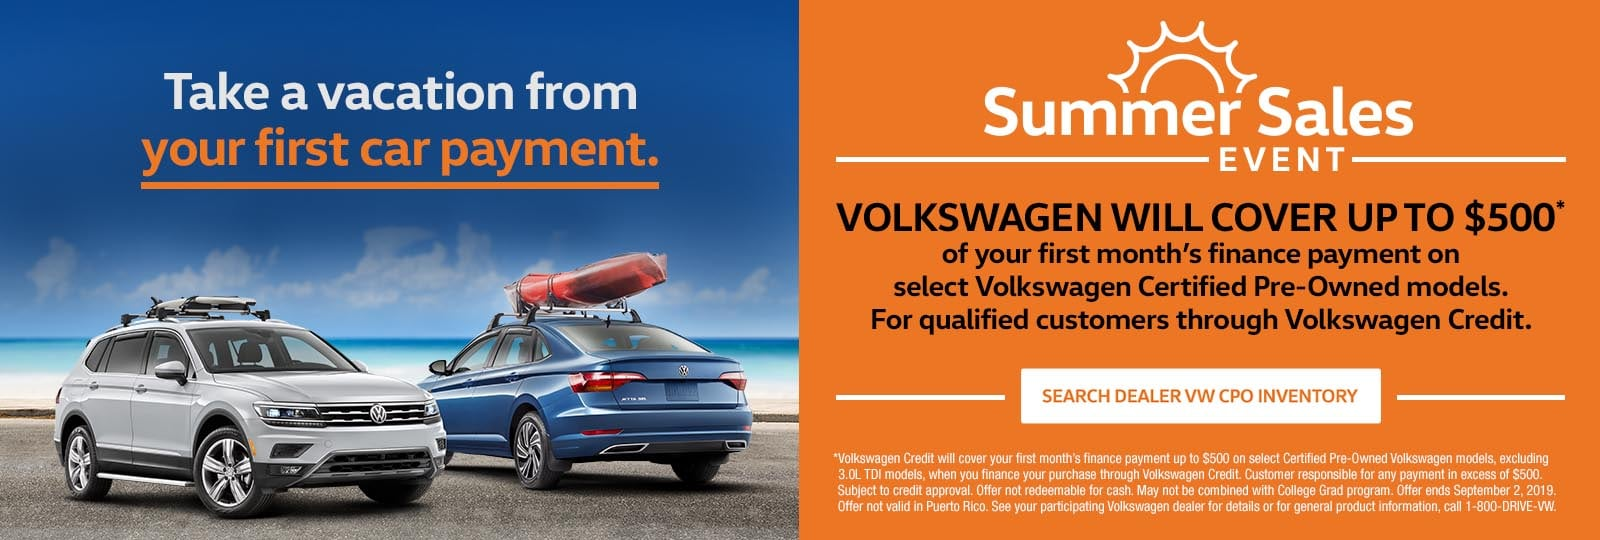 Fields Volkswagen: New & Used Cars   Daytona Beach, FL VW Dealer